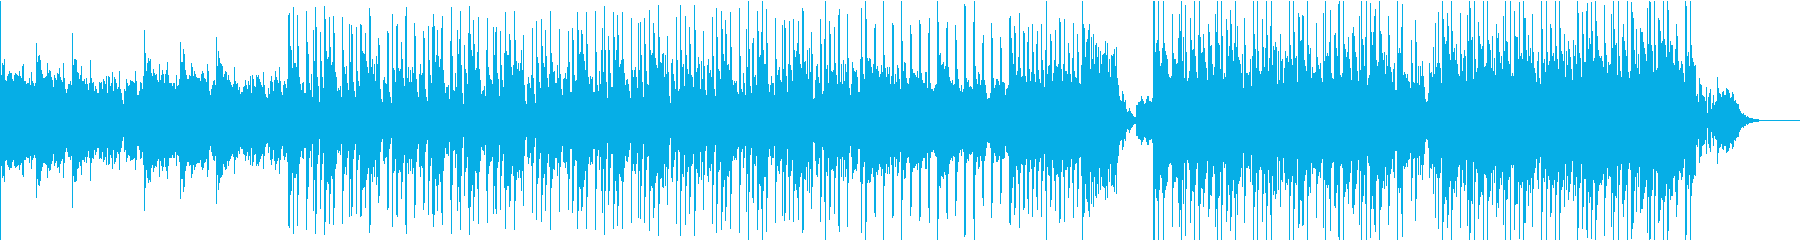 しっとりとしたスラップハウス(声入り)の再生済みの波形